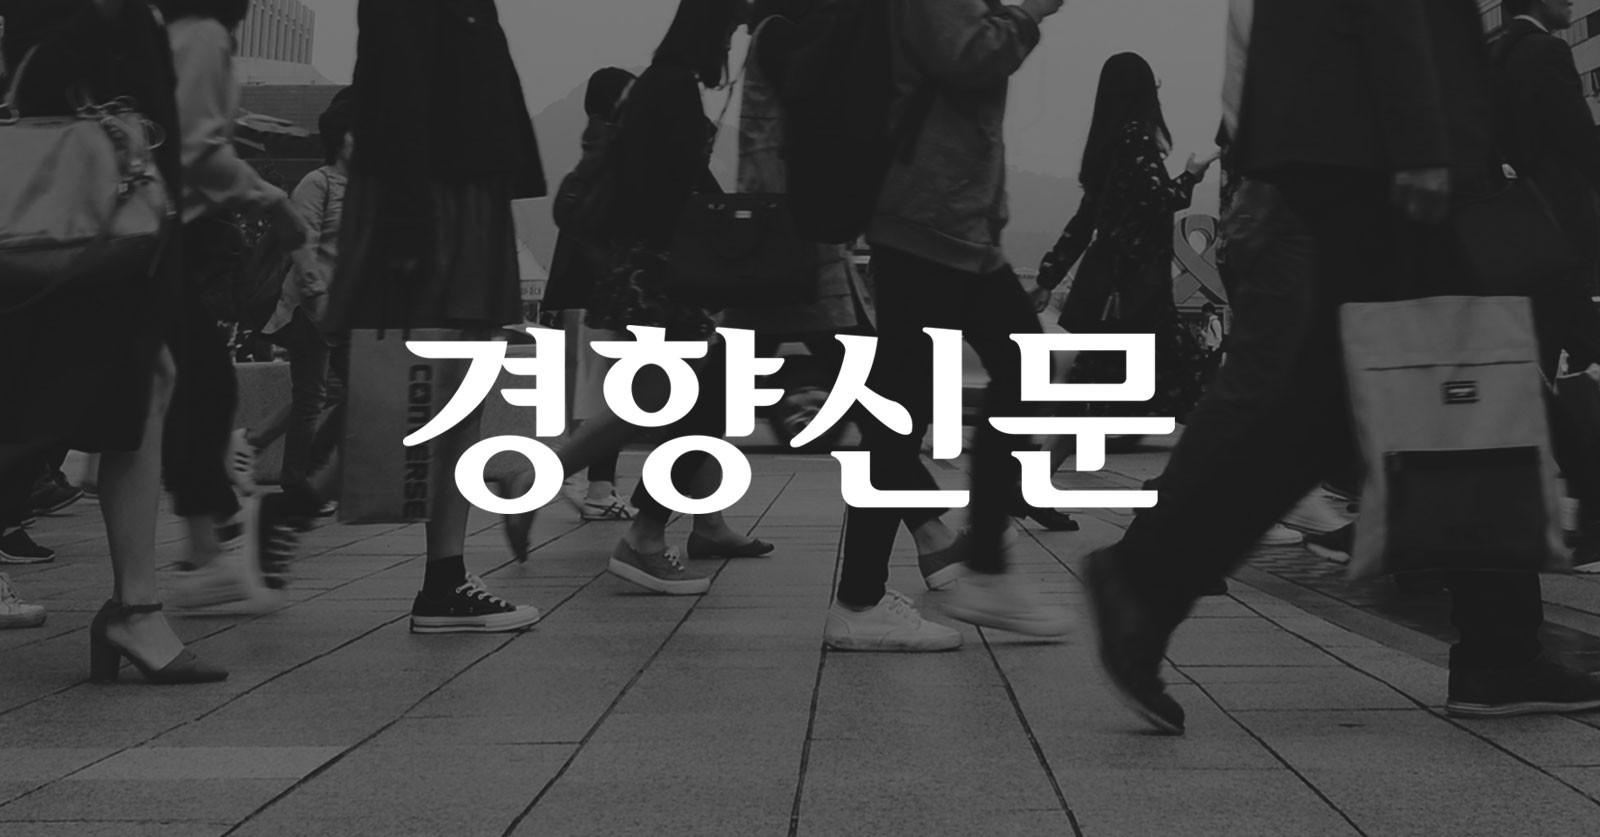 공정위 사무관도 전관 출신 변호사도 '허위 자료로 과징금 감경 사건' 면죄부